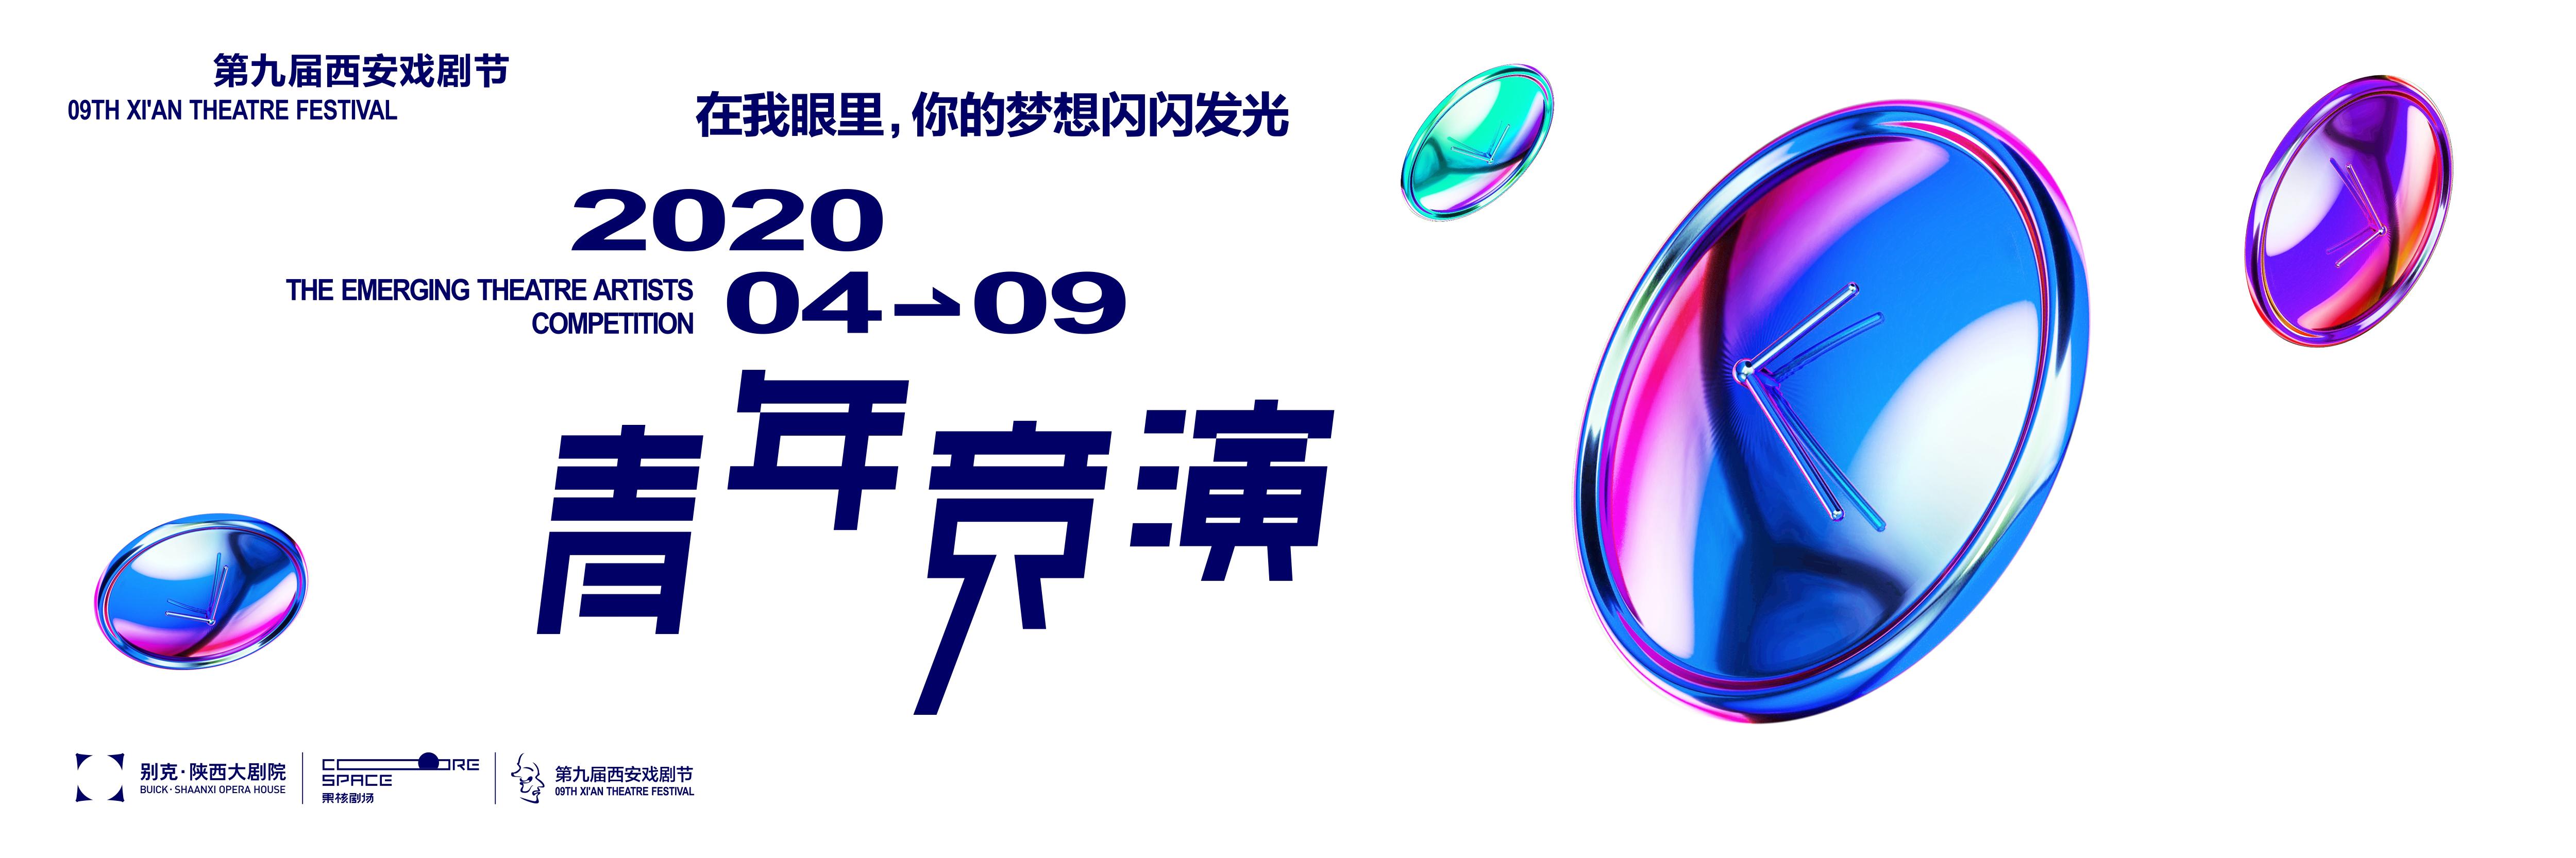 第九屆西安戲劇節:青年競演